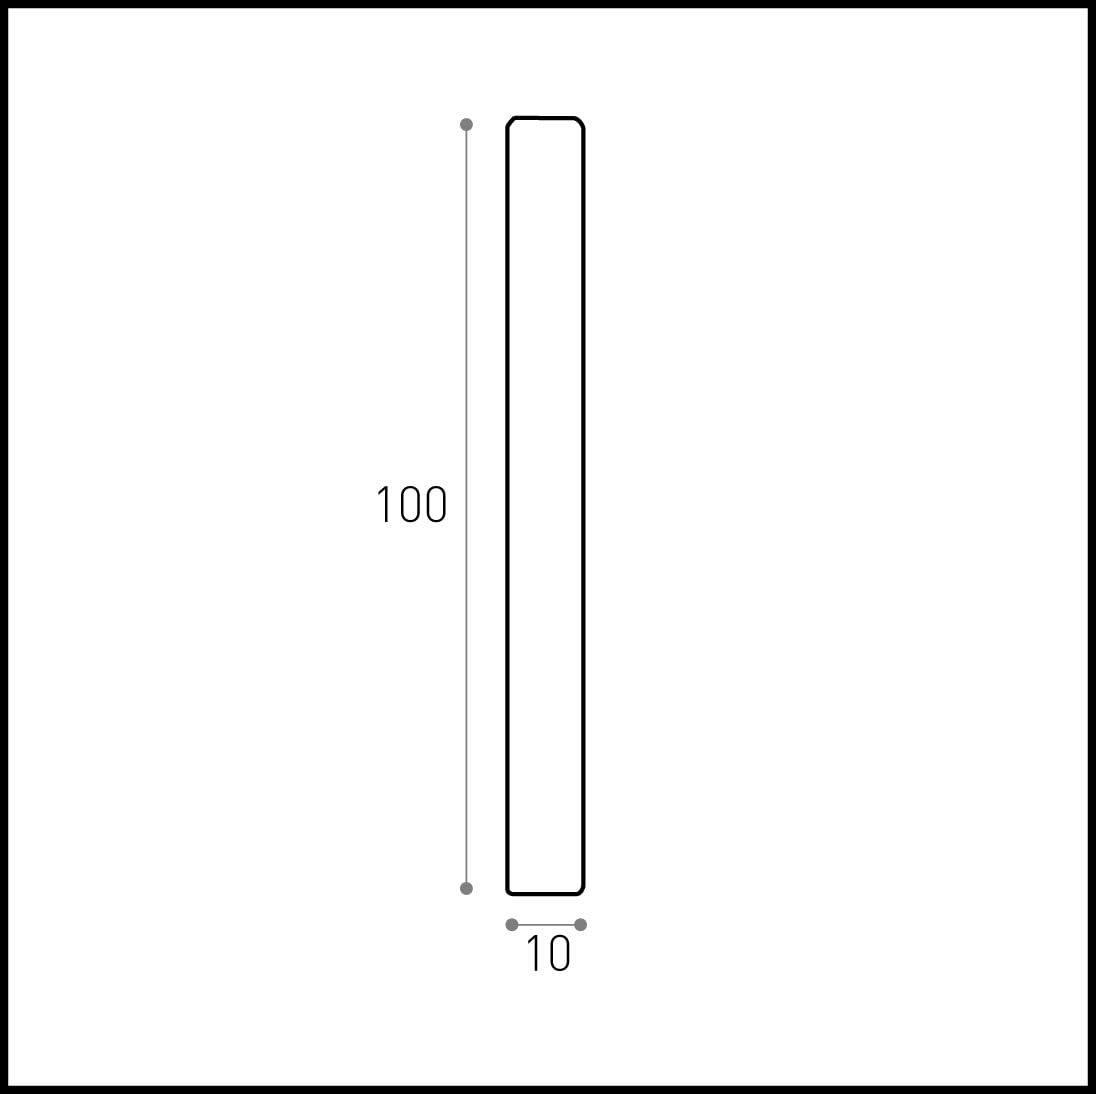 100X10X3000 Hobby Legno Prezzo Per ml. 6 Battisedia Massello In Legno Ayous Non Verniciato mm